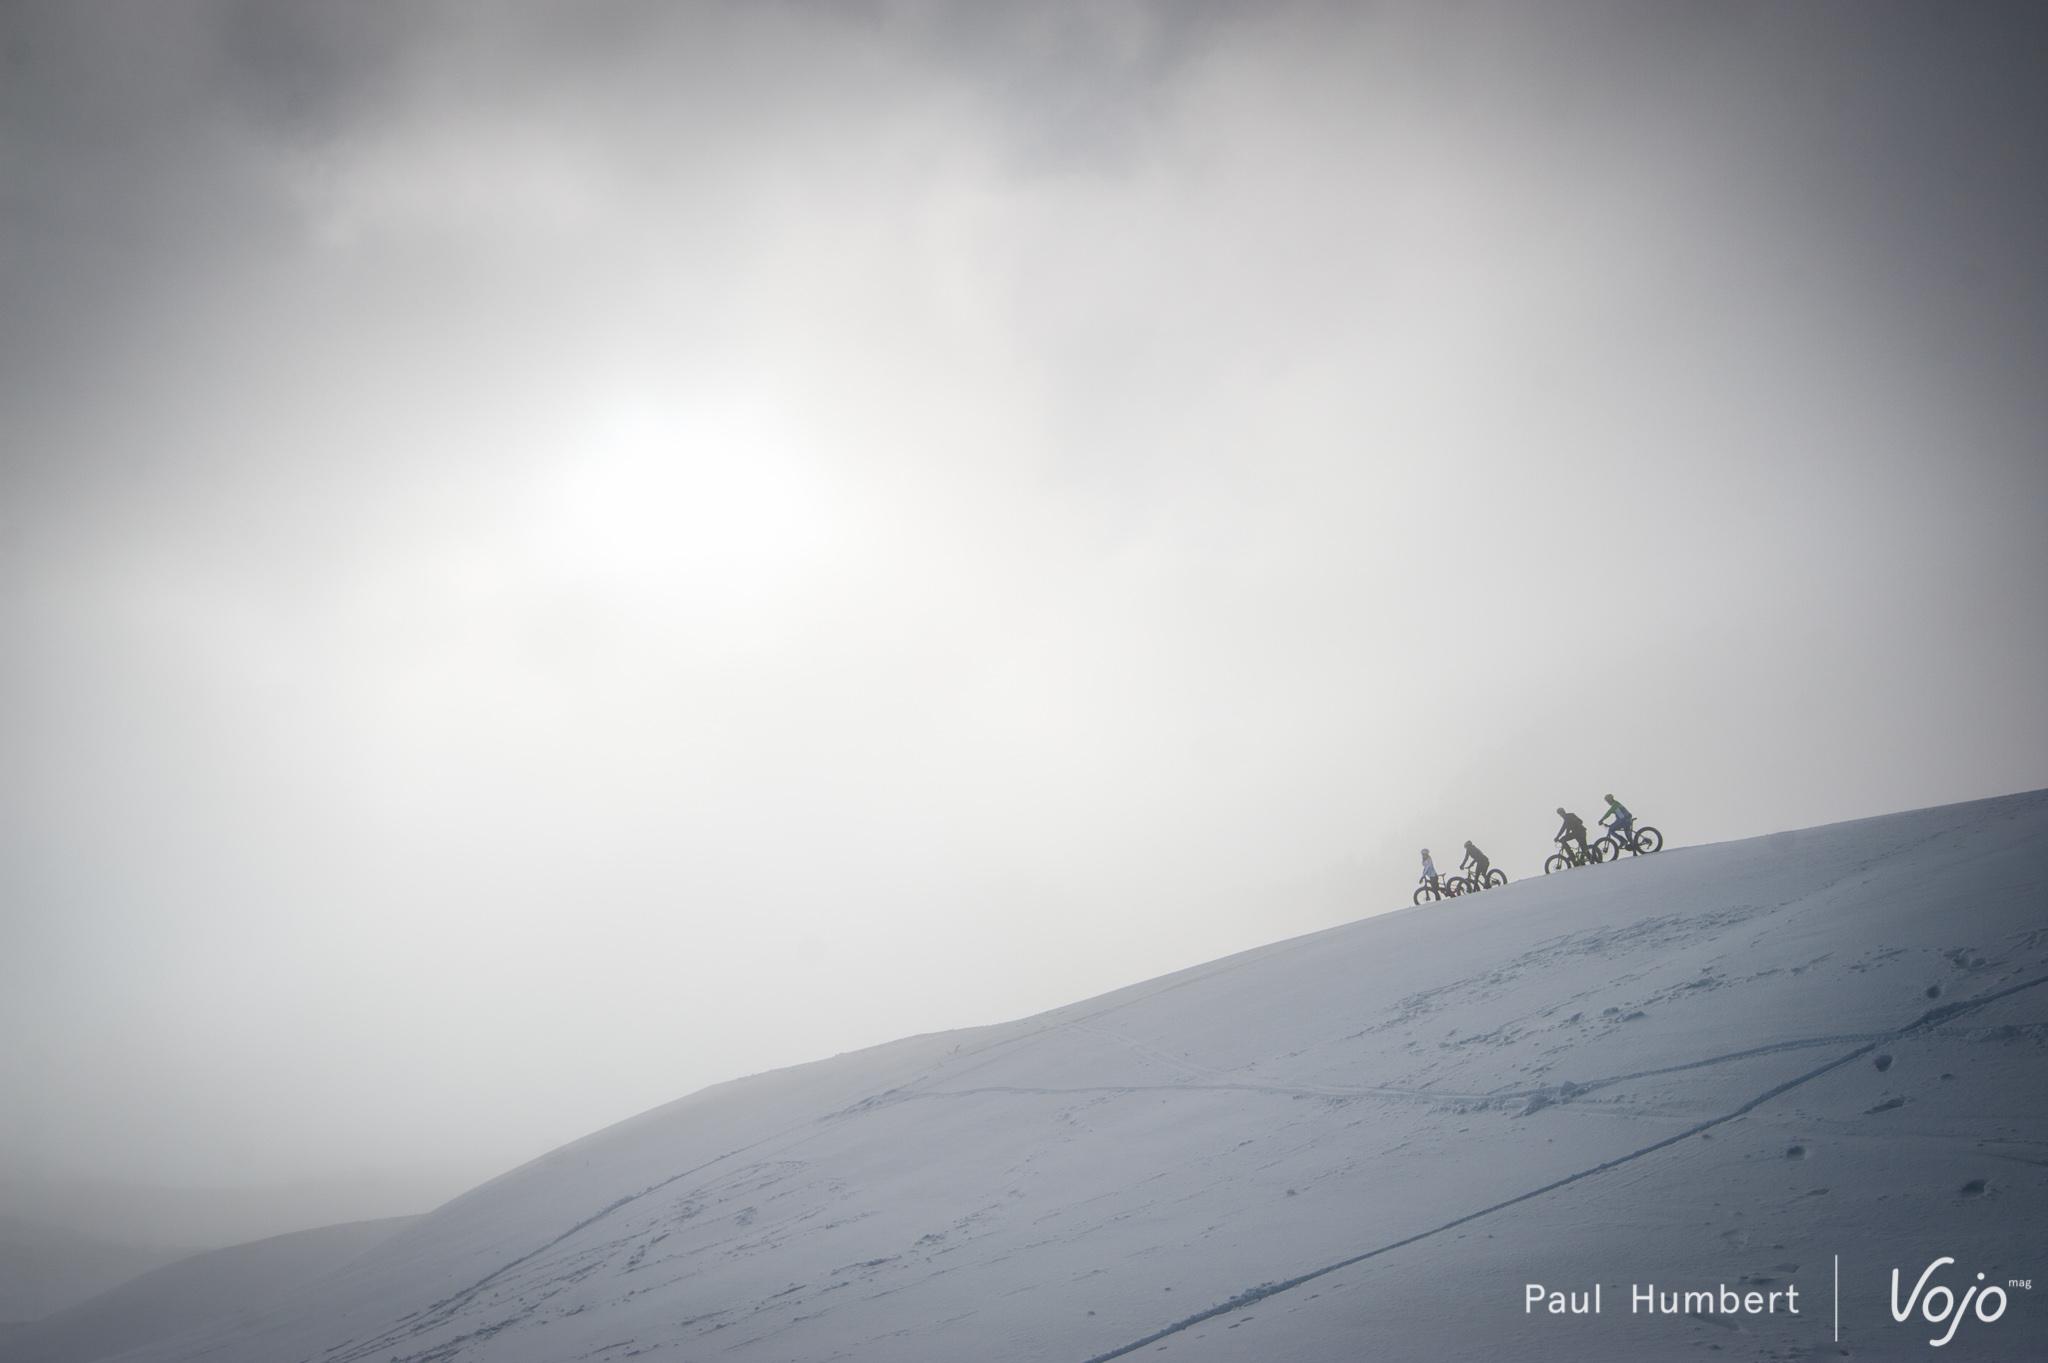 la-forestière-vojo-2016-paul-humbert-23